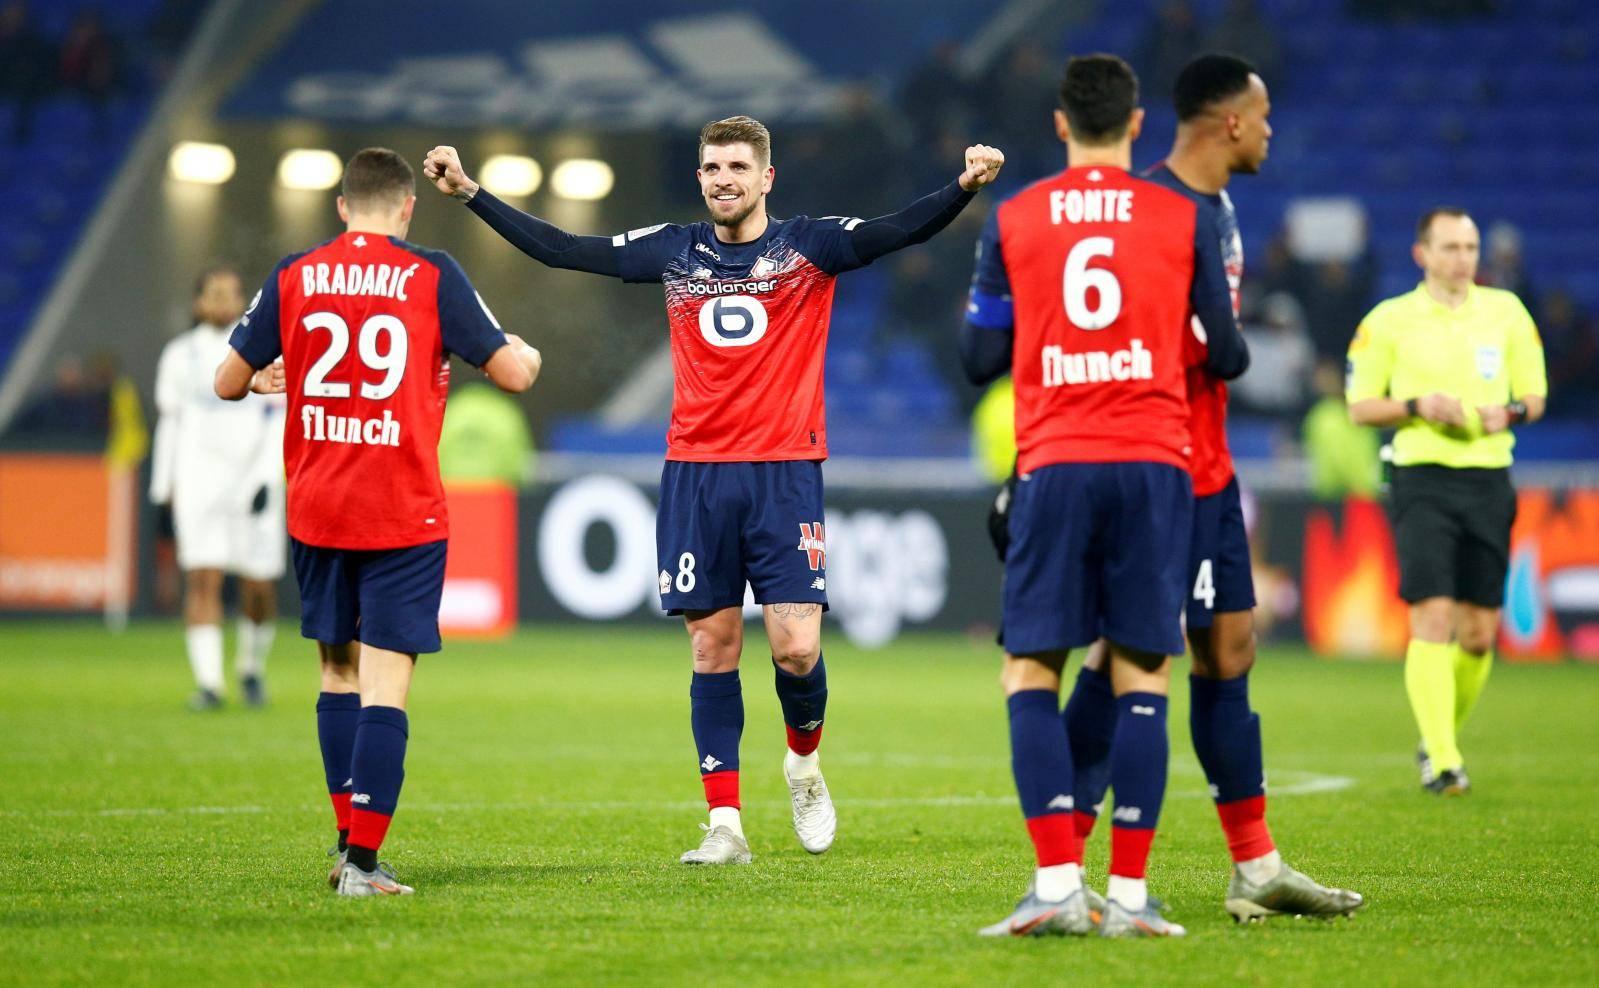 Ligue 1 - Olympique Lyonnais v Lille